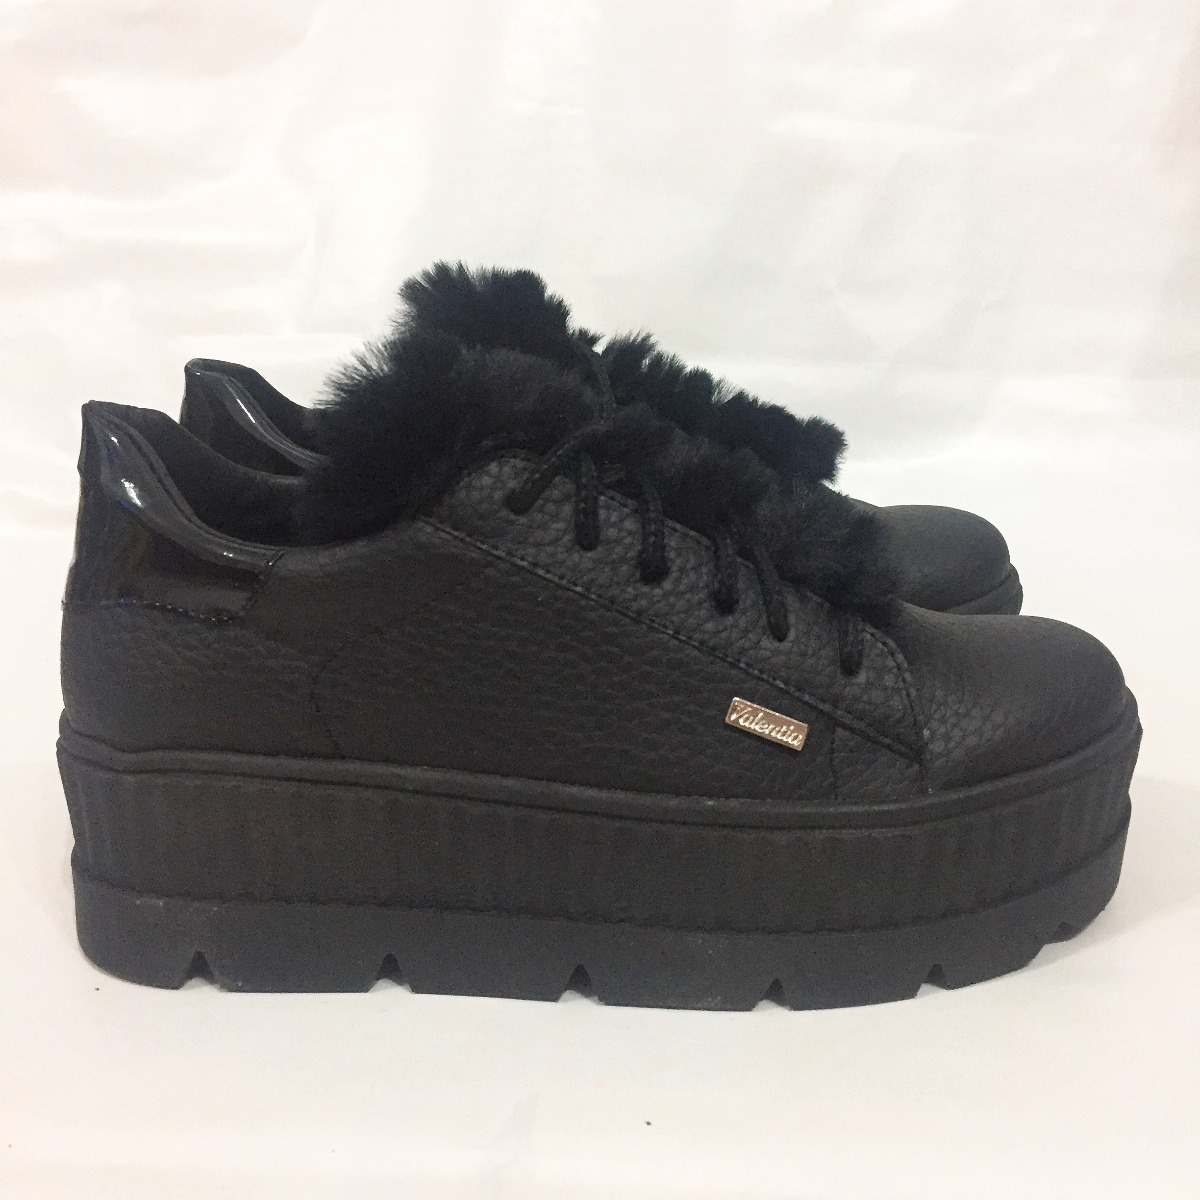 e073460ee89 zapatillas plataforma alta mujer peluche - moda 2018. Cargando zoom.